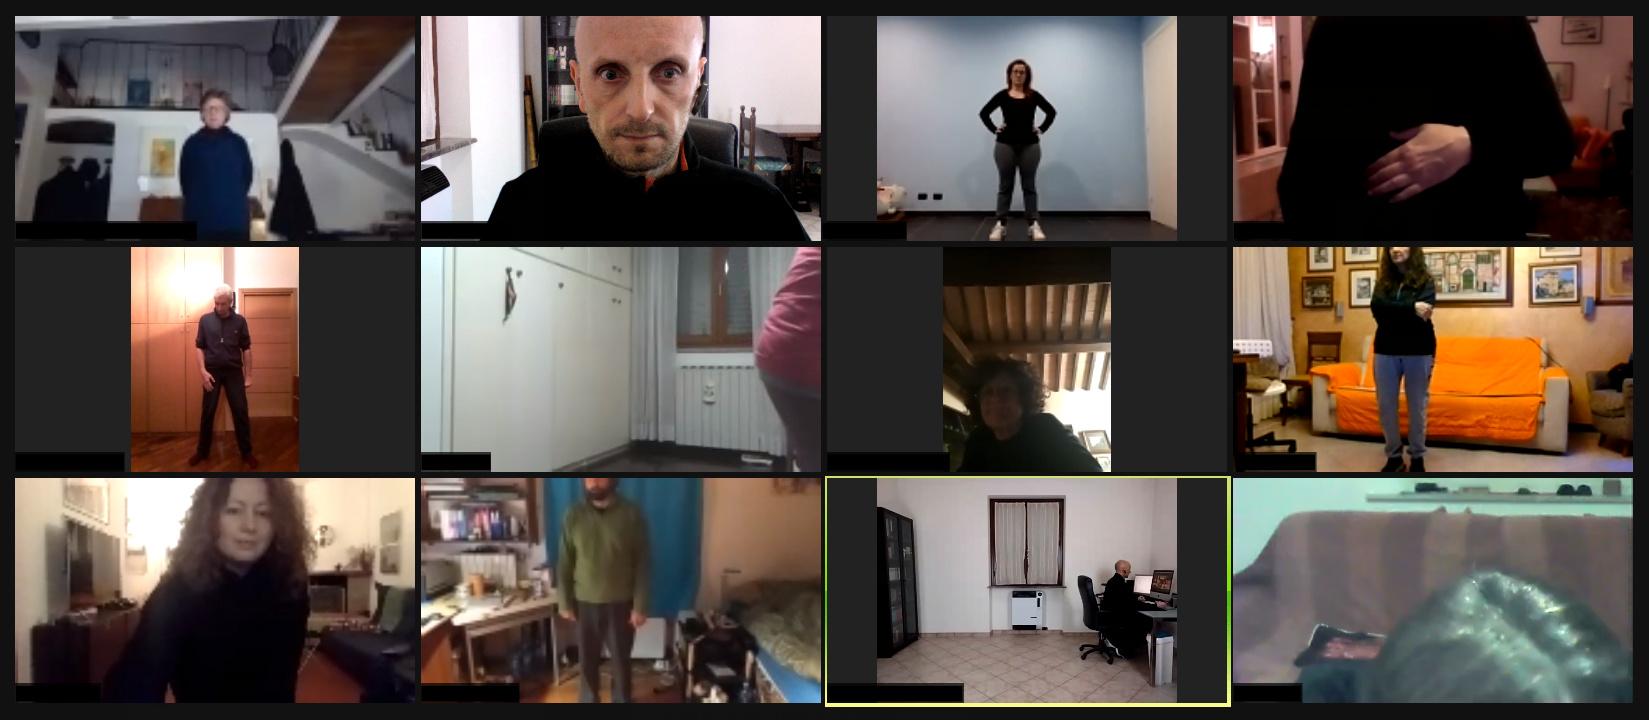 Video lezioni online tramite Zoom 1